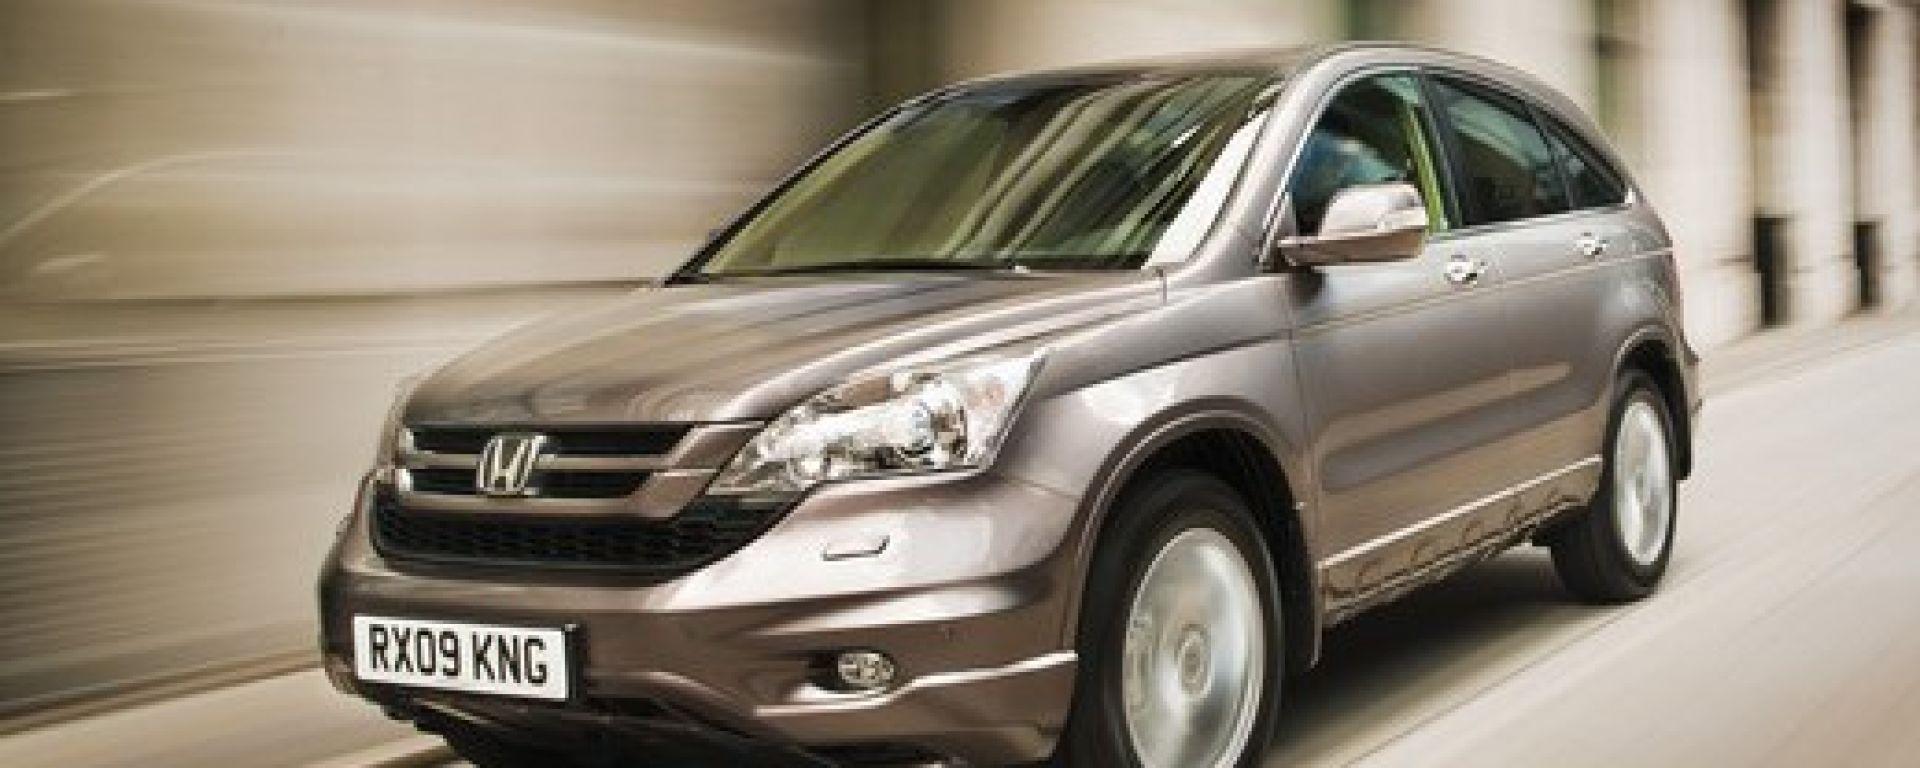 Honda CR-V 2010 2.2 i-DTEC automatica